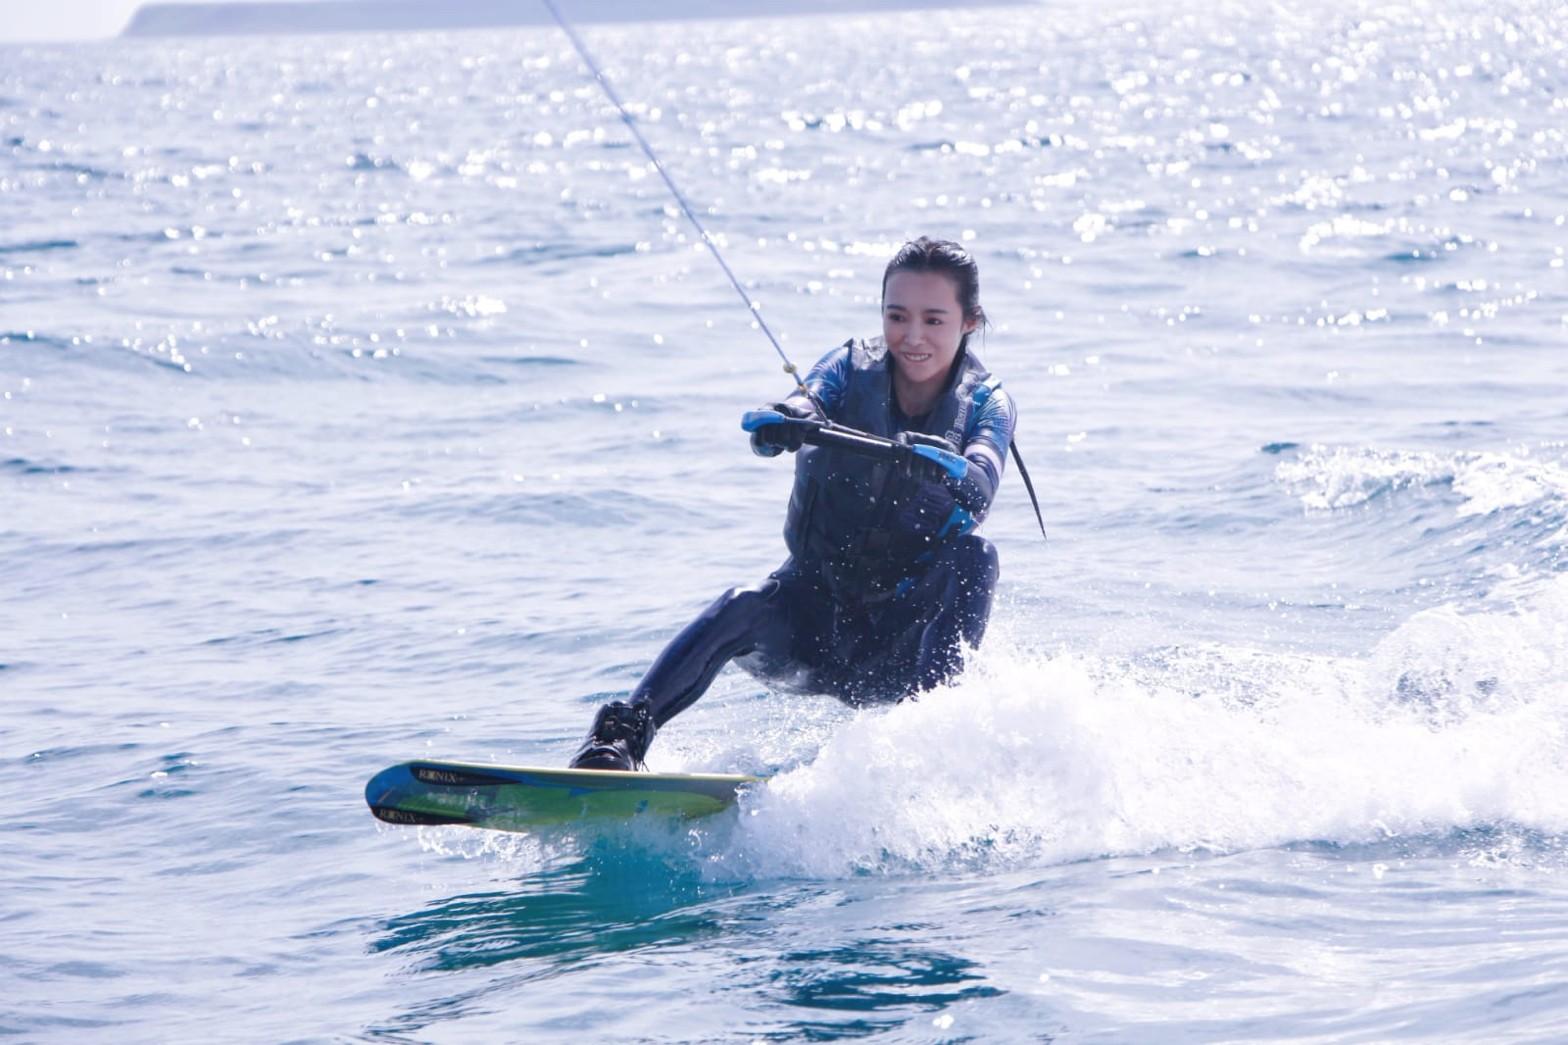 ▲第一次體驗寬板划水的康茵茵,馬上就抓到站起來的技巧。